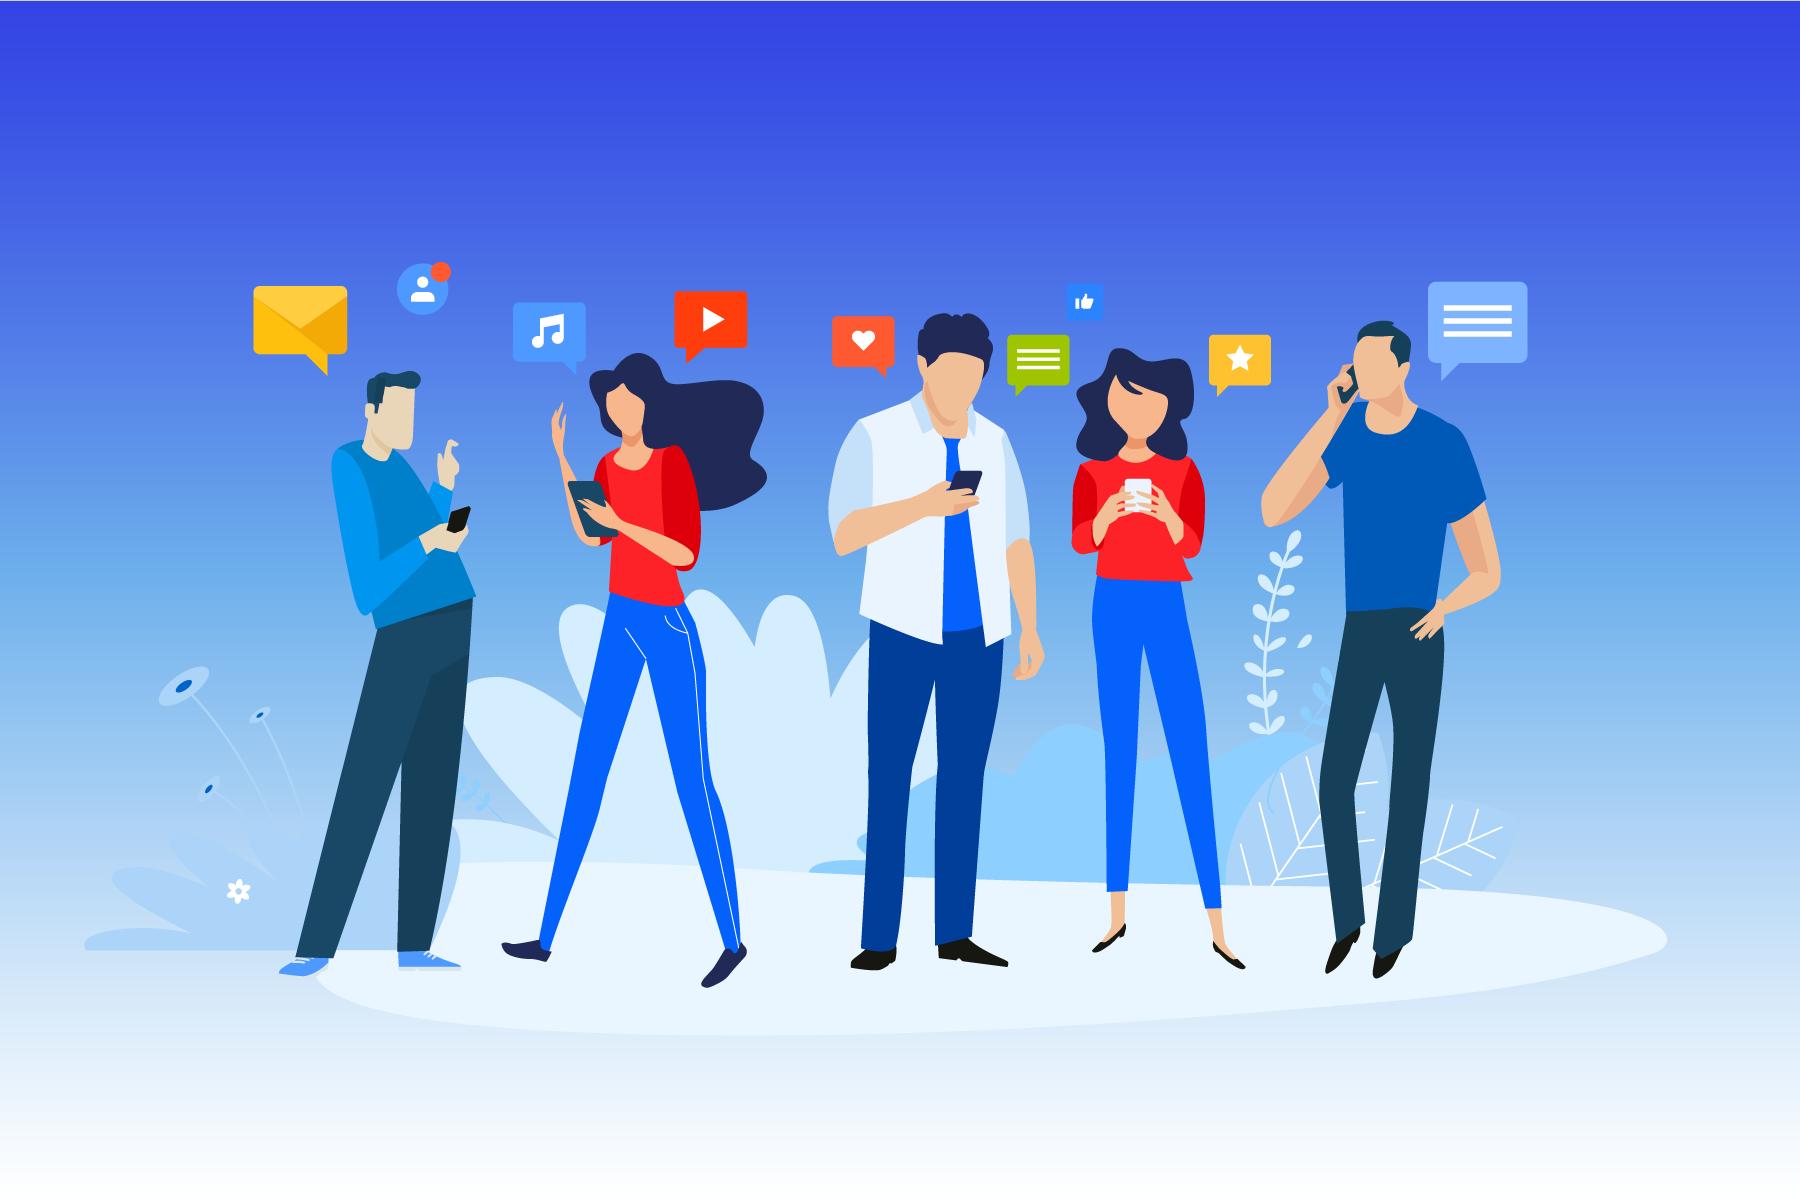 illustration social media users